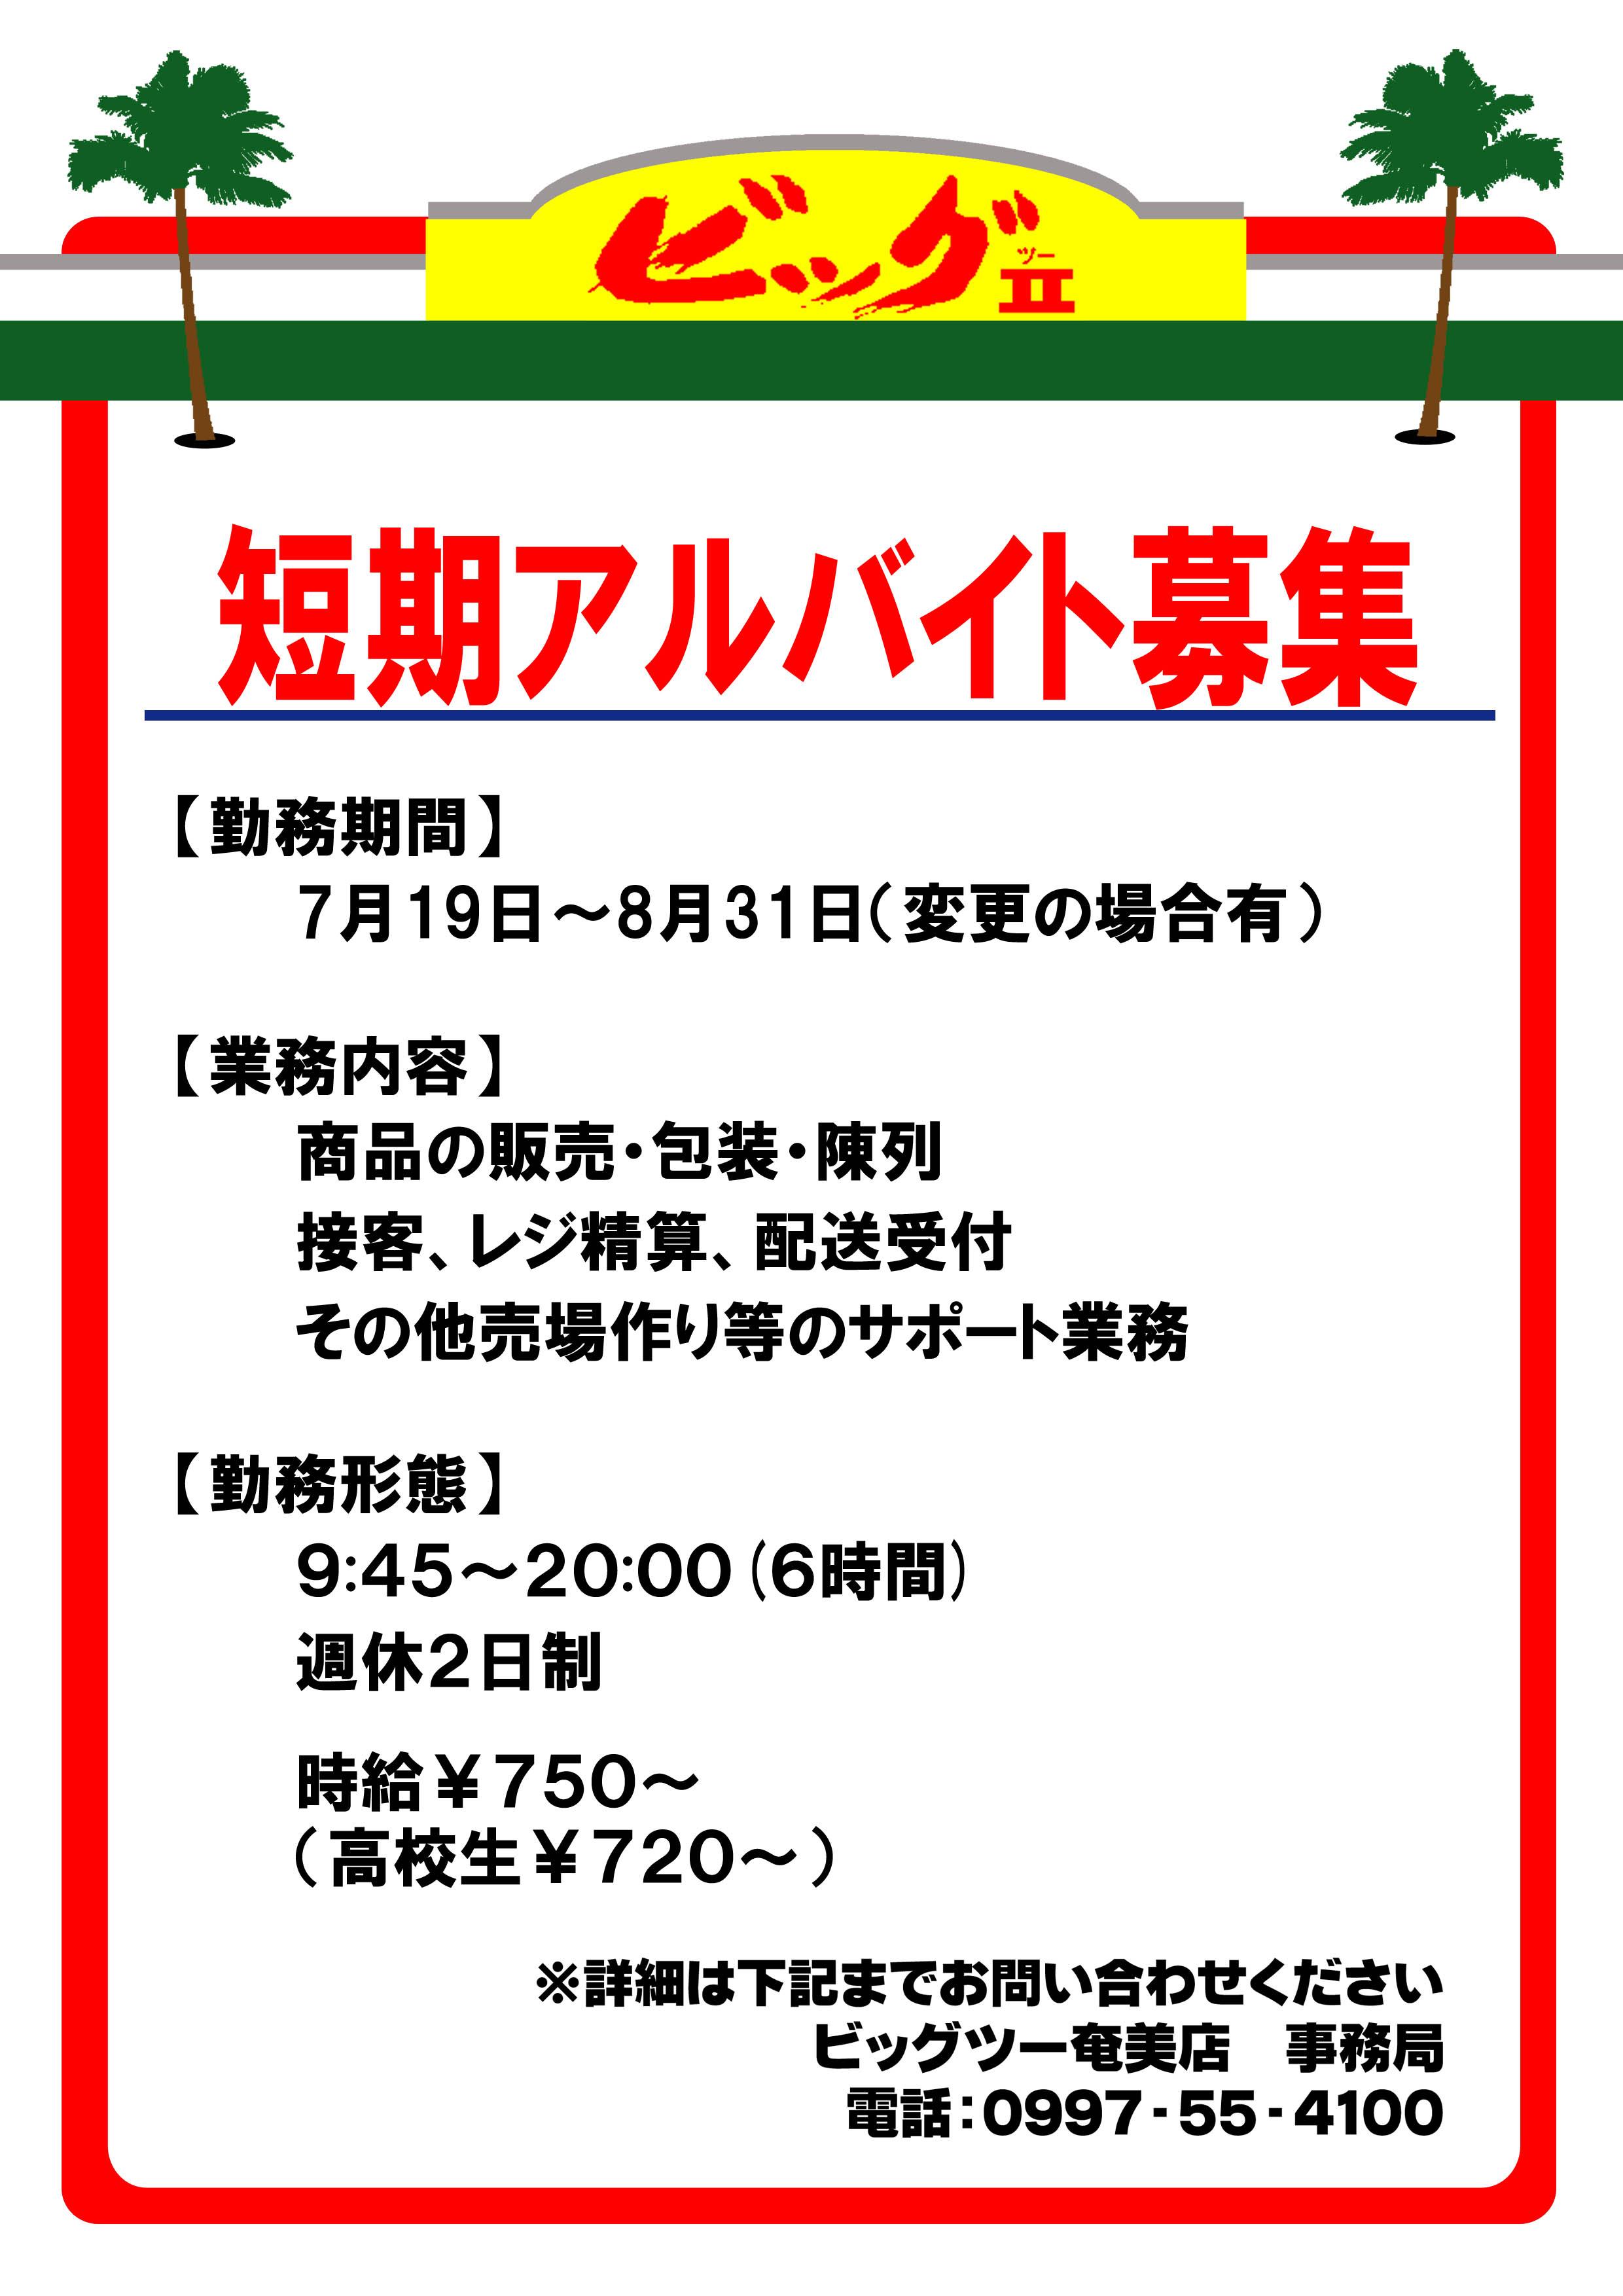 2017 お中元短期アルバイト募集 | ビッグツー - 鹿児島県奄美大島 ディスカウントショップ 日用品・食料品・特産品・おみやげ